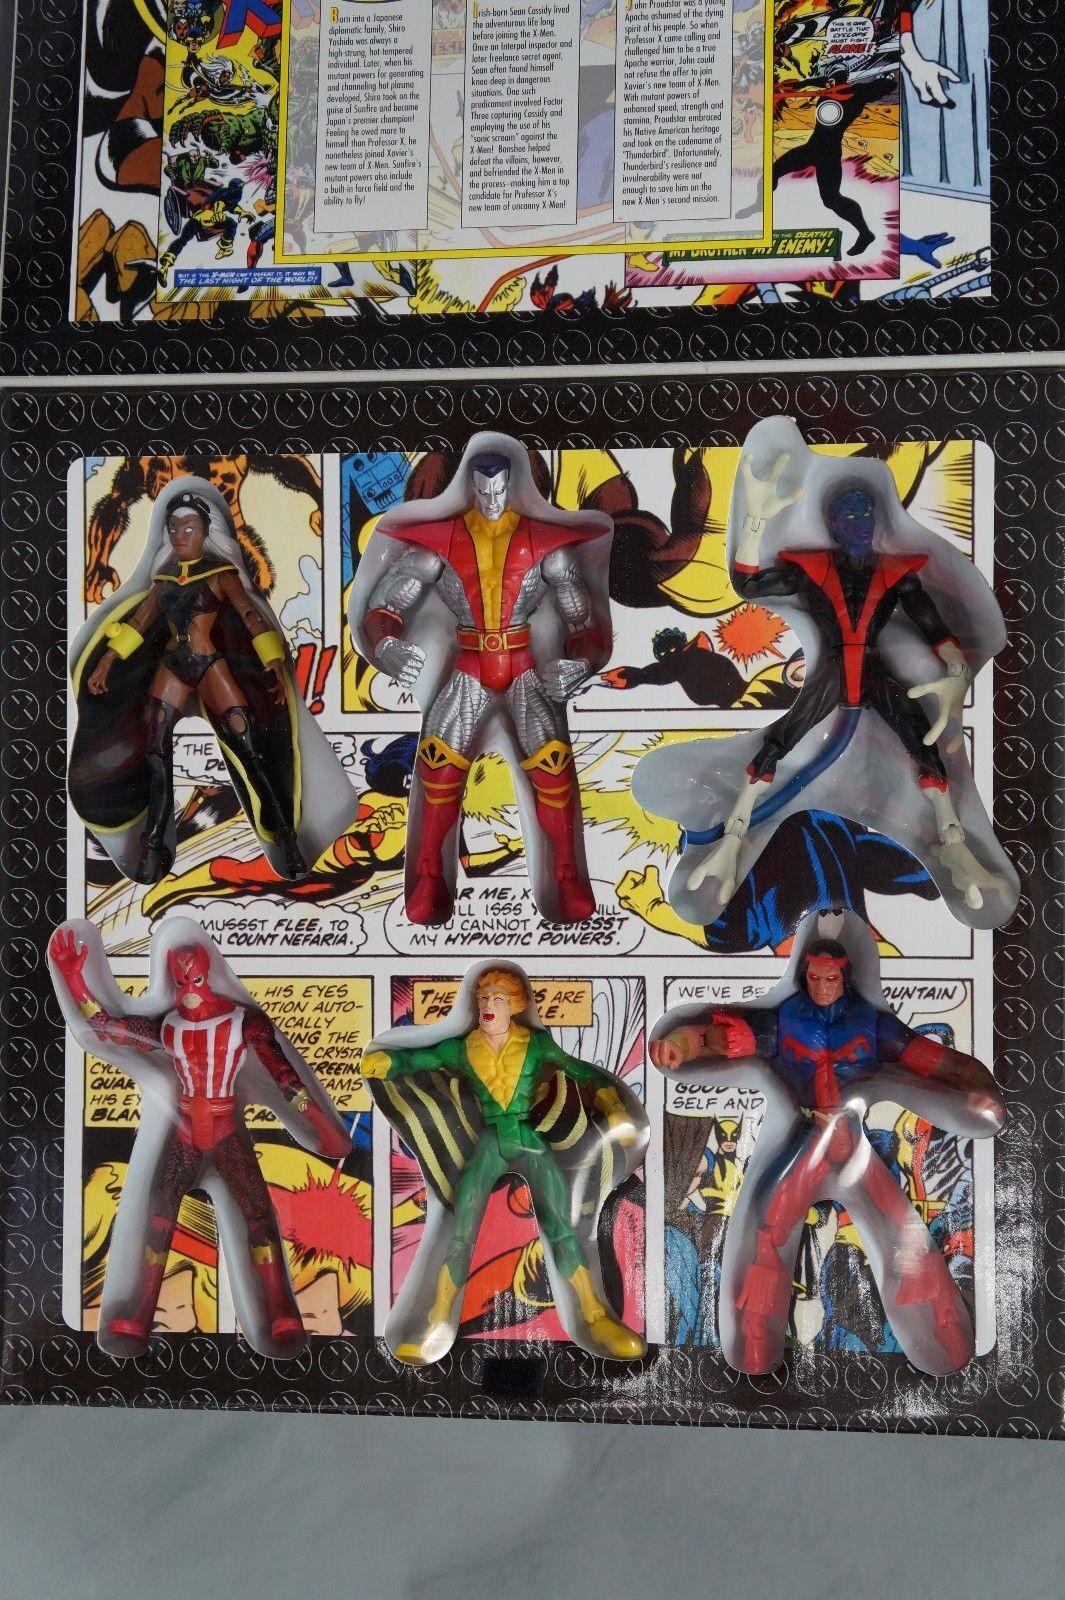 Giant Größe Uncanny X-Men - Marvel Collectors Editions - ToyBiz - Marvel